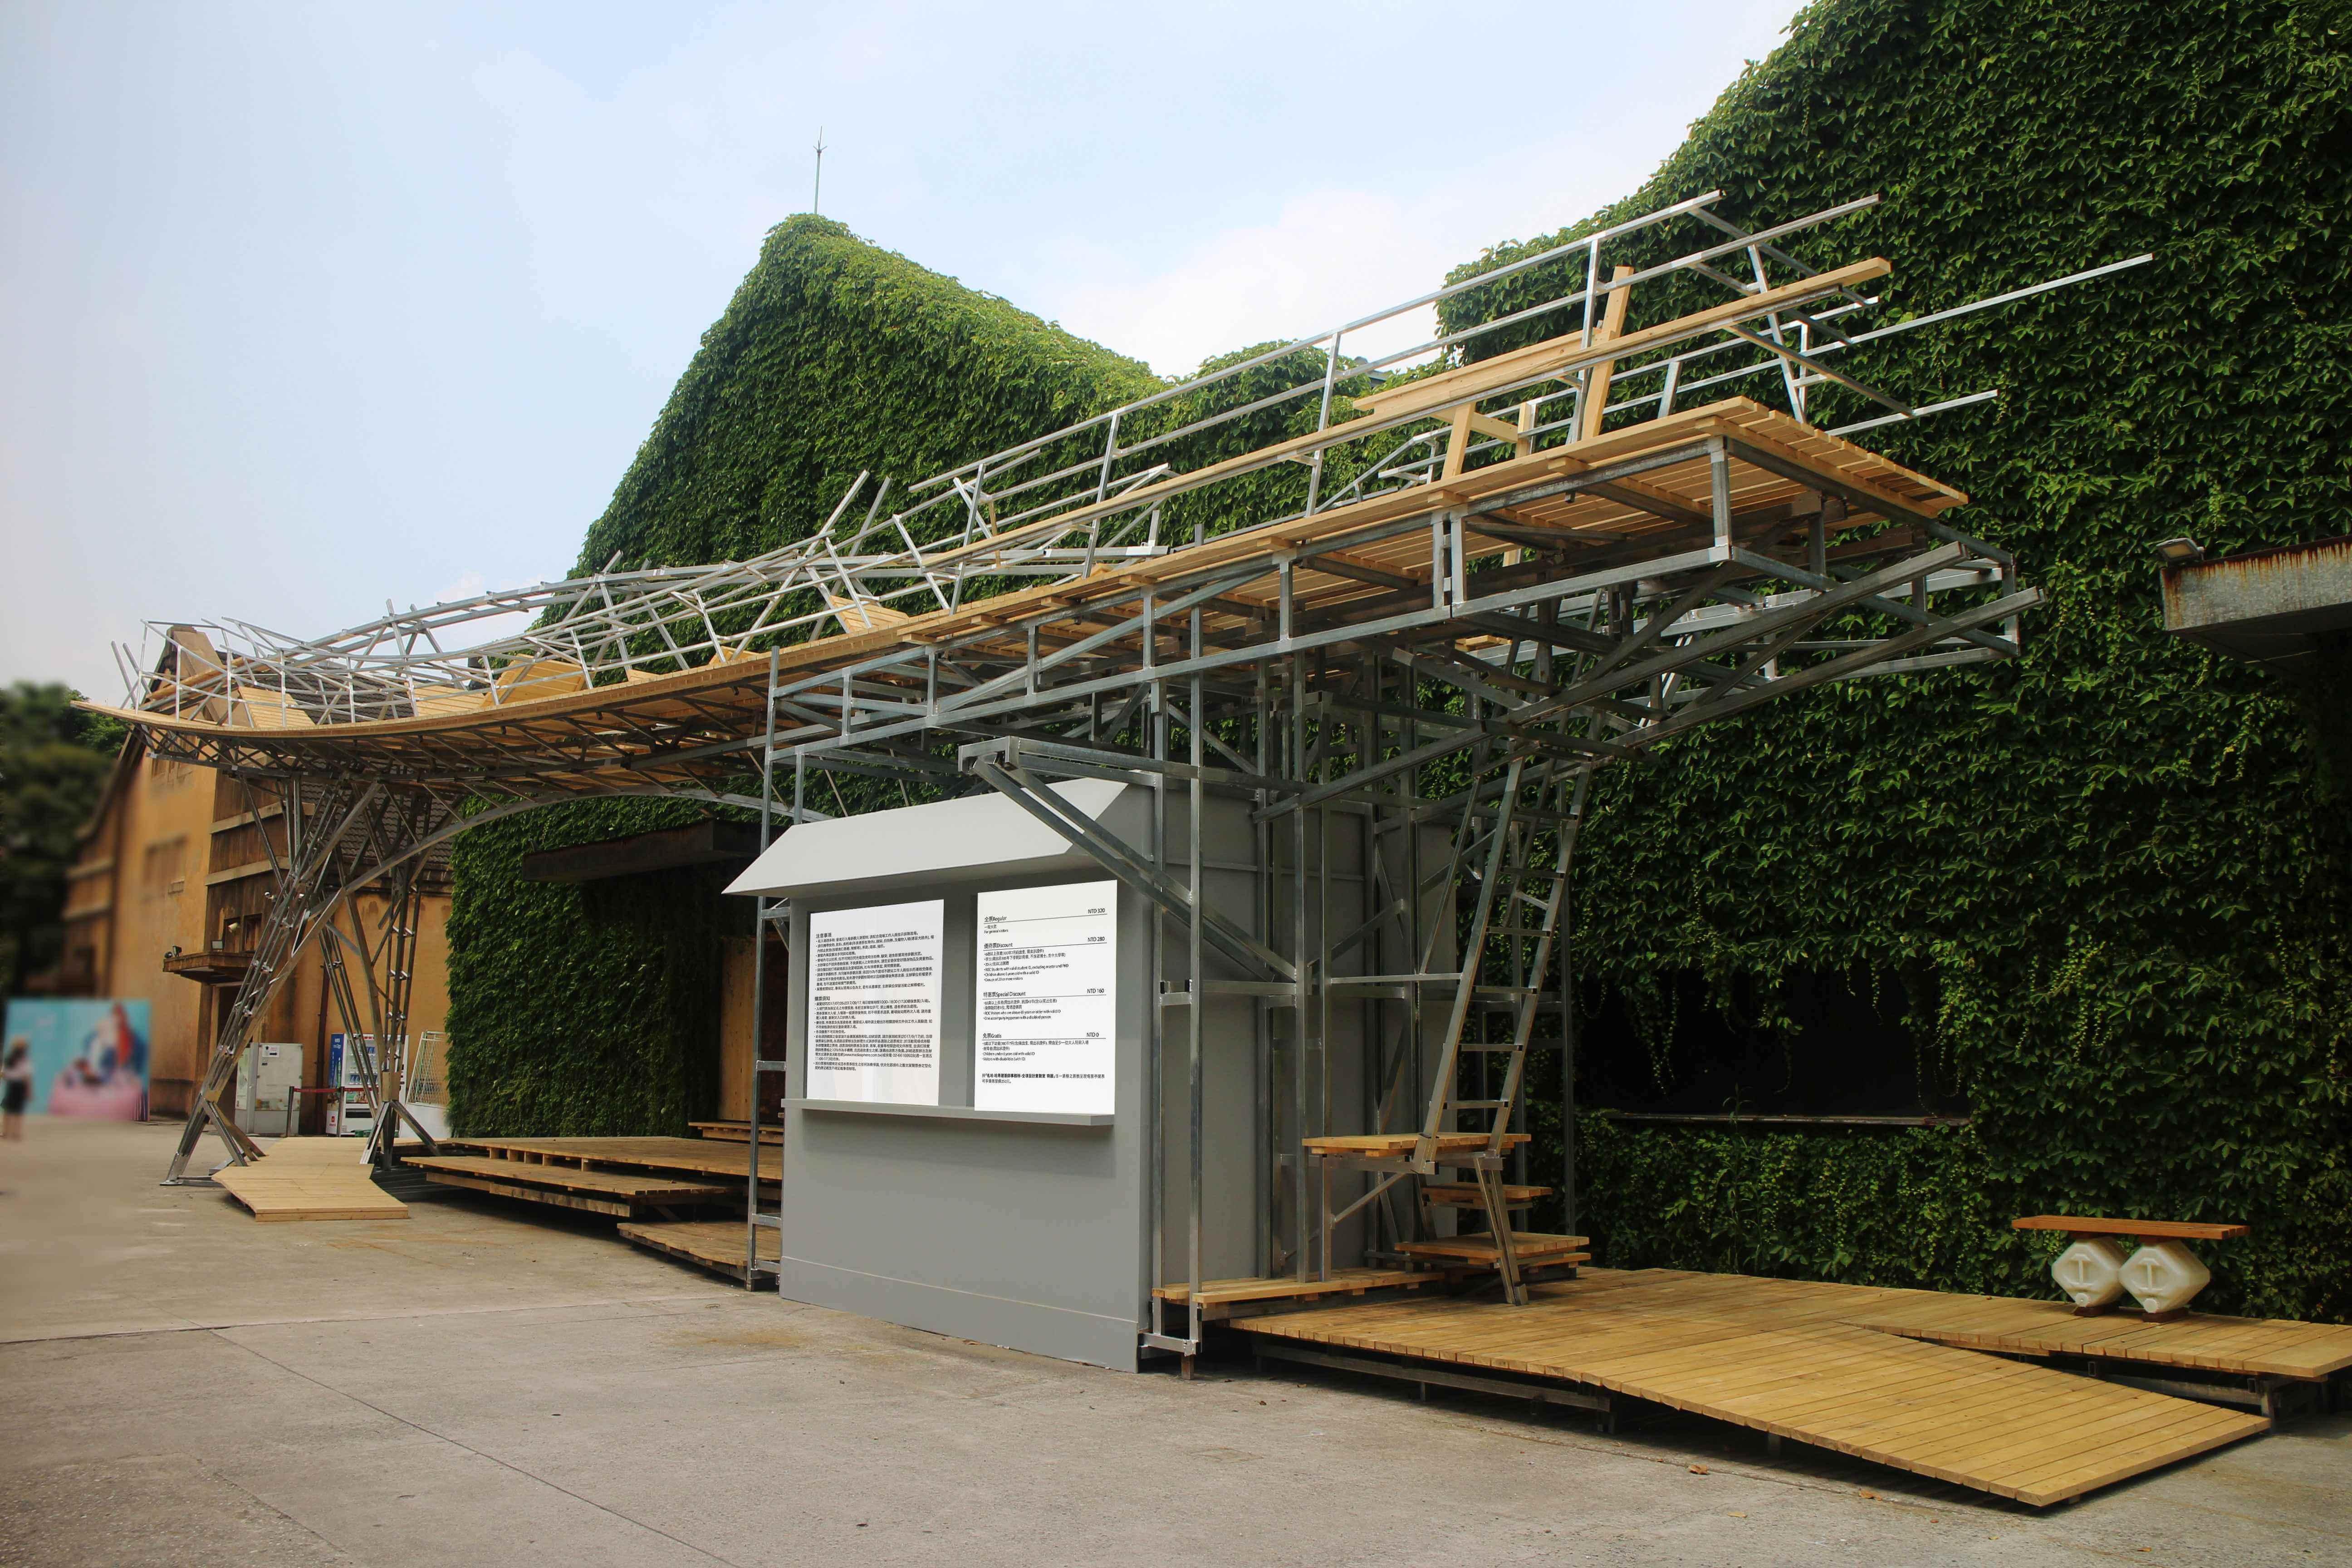 《上帝的建築師:高第誕生165週年大展》中的「入口意象」由台灣團隊打造向高第致敬的建築形體。